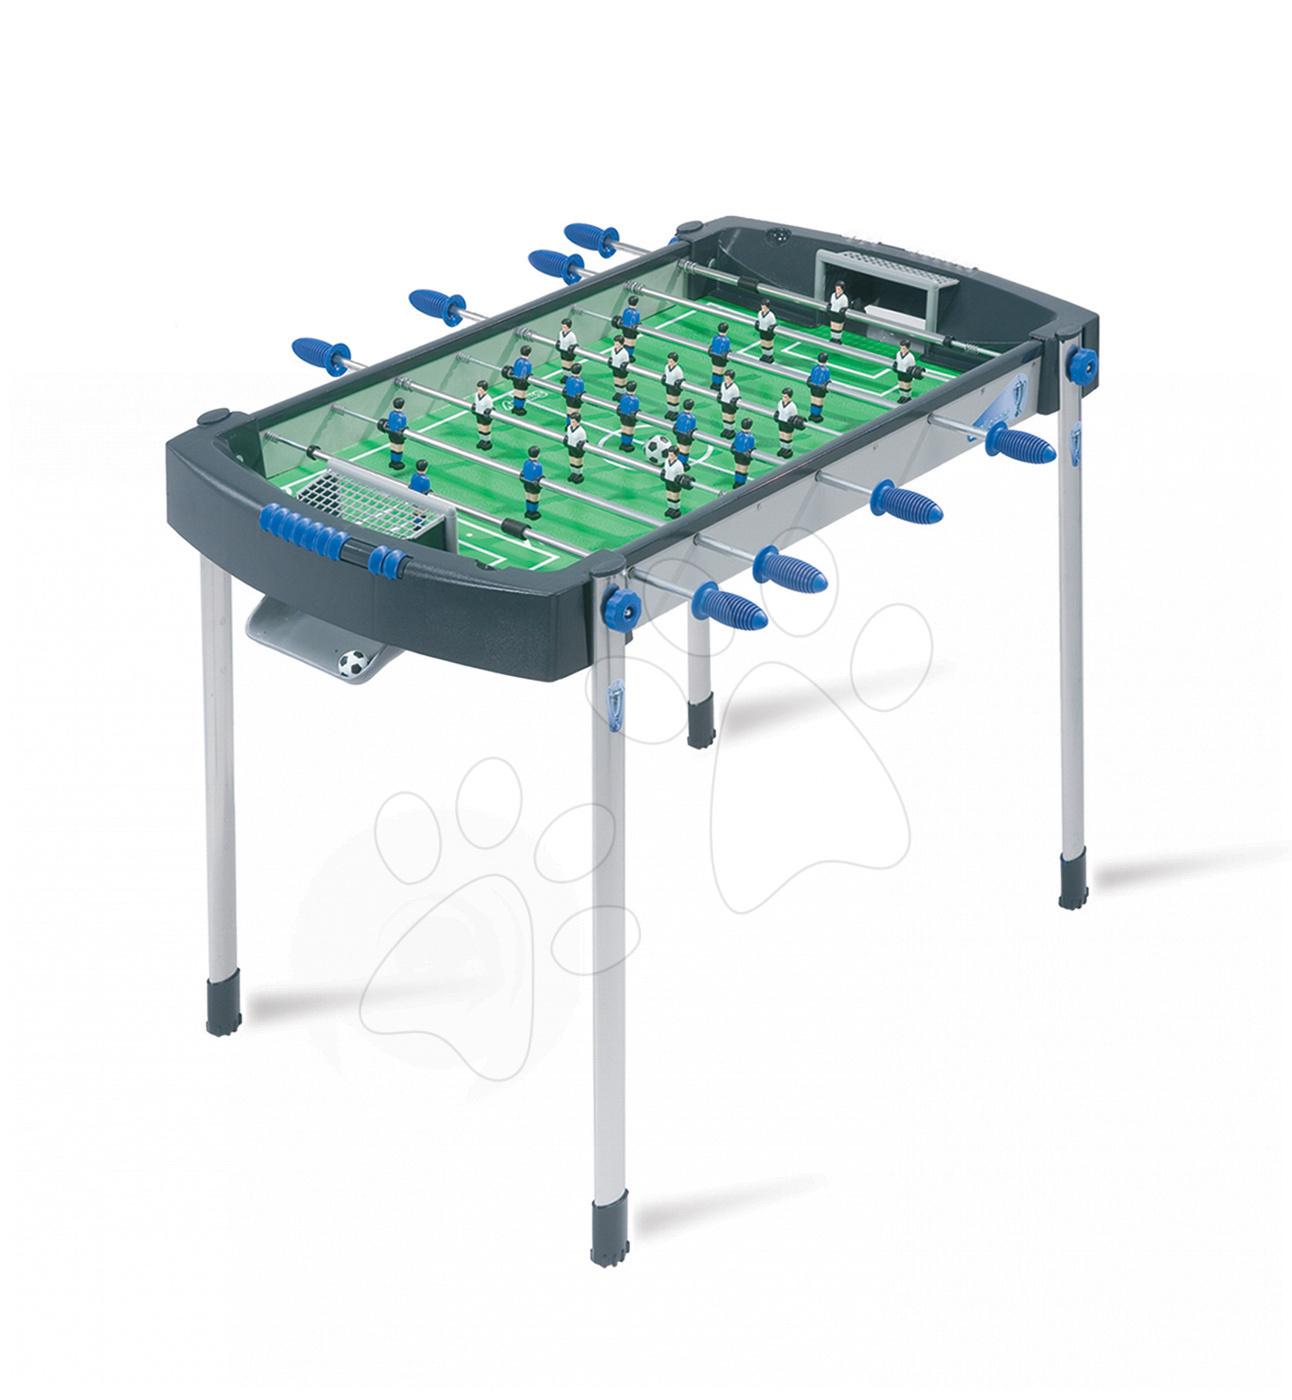 Futbalový stôl Challenger Smoby s 2 loptičkami od 6 rokov